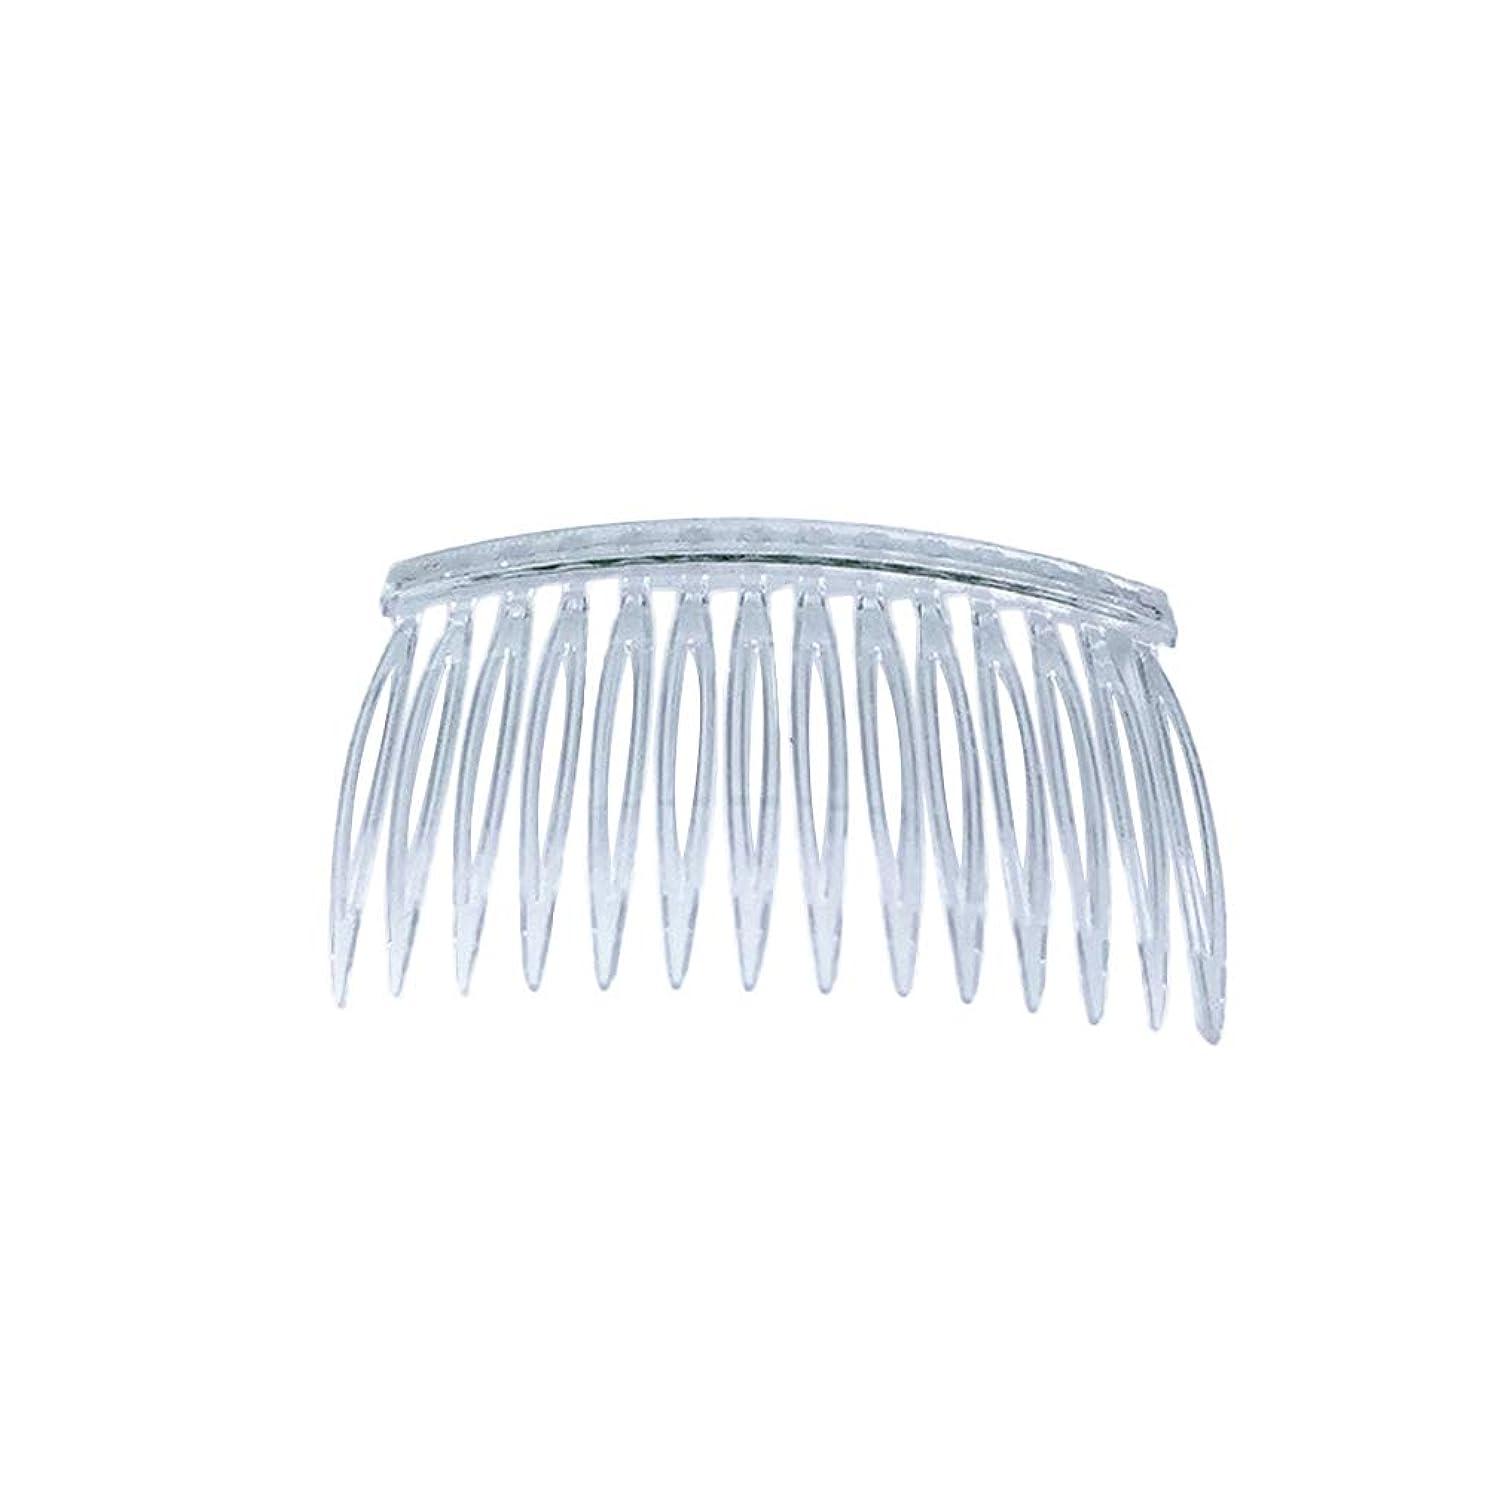 ほうきシットコムファウルLURROSE 10ピース透明プラスチックヘアクリップコームズフレンチツイストコームワイヤーヘアサイドコームブライダルウェディングベールコーム用女性